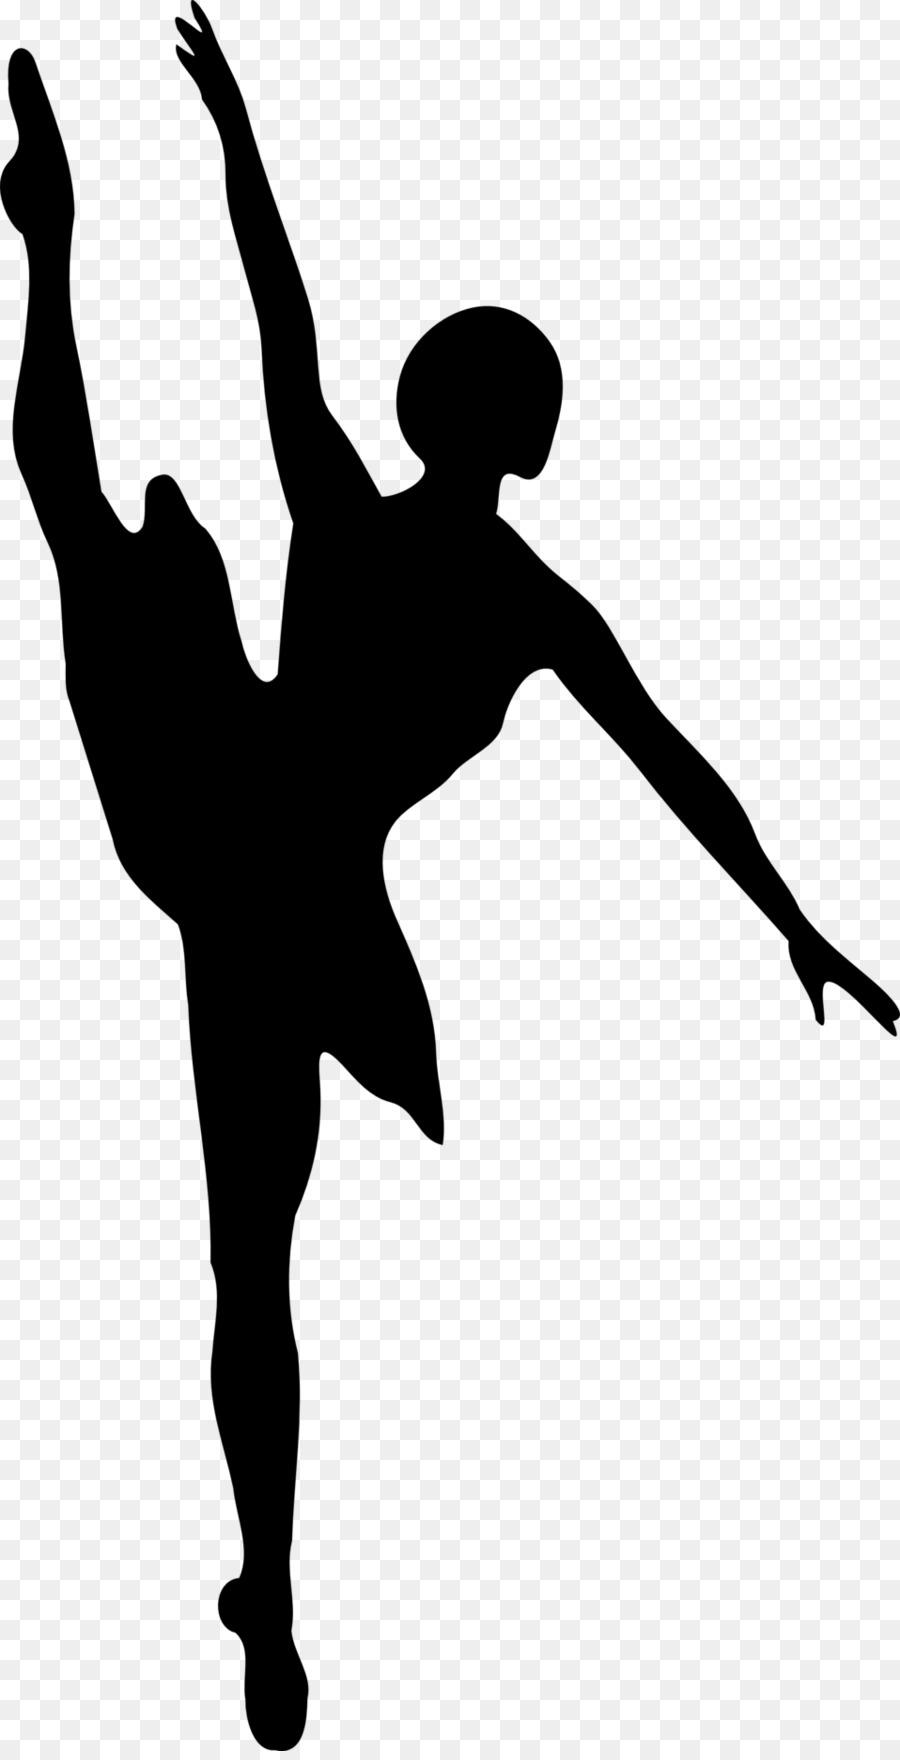 ballet dancer clip art dancing vector png download 958 1864 rh kisspng com ballot clip art free ballot clip art